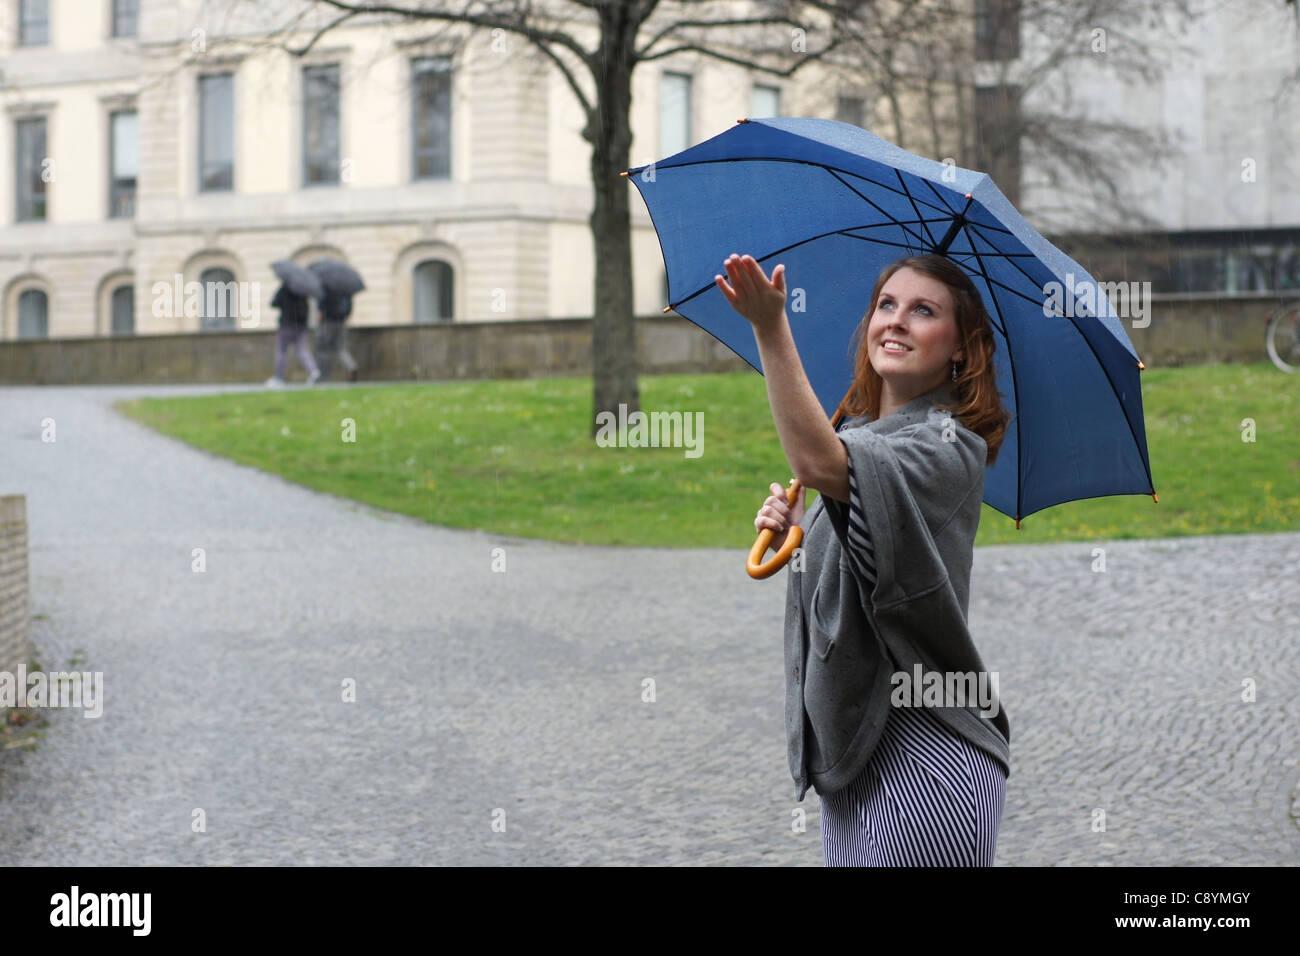 junge Frau mit Regenschirm genießen den Regen Stockbild